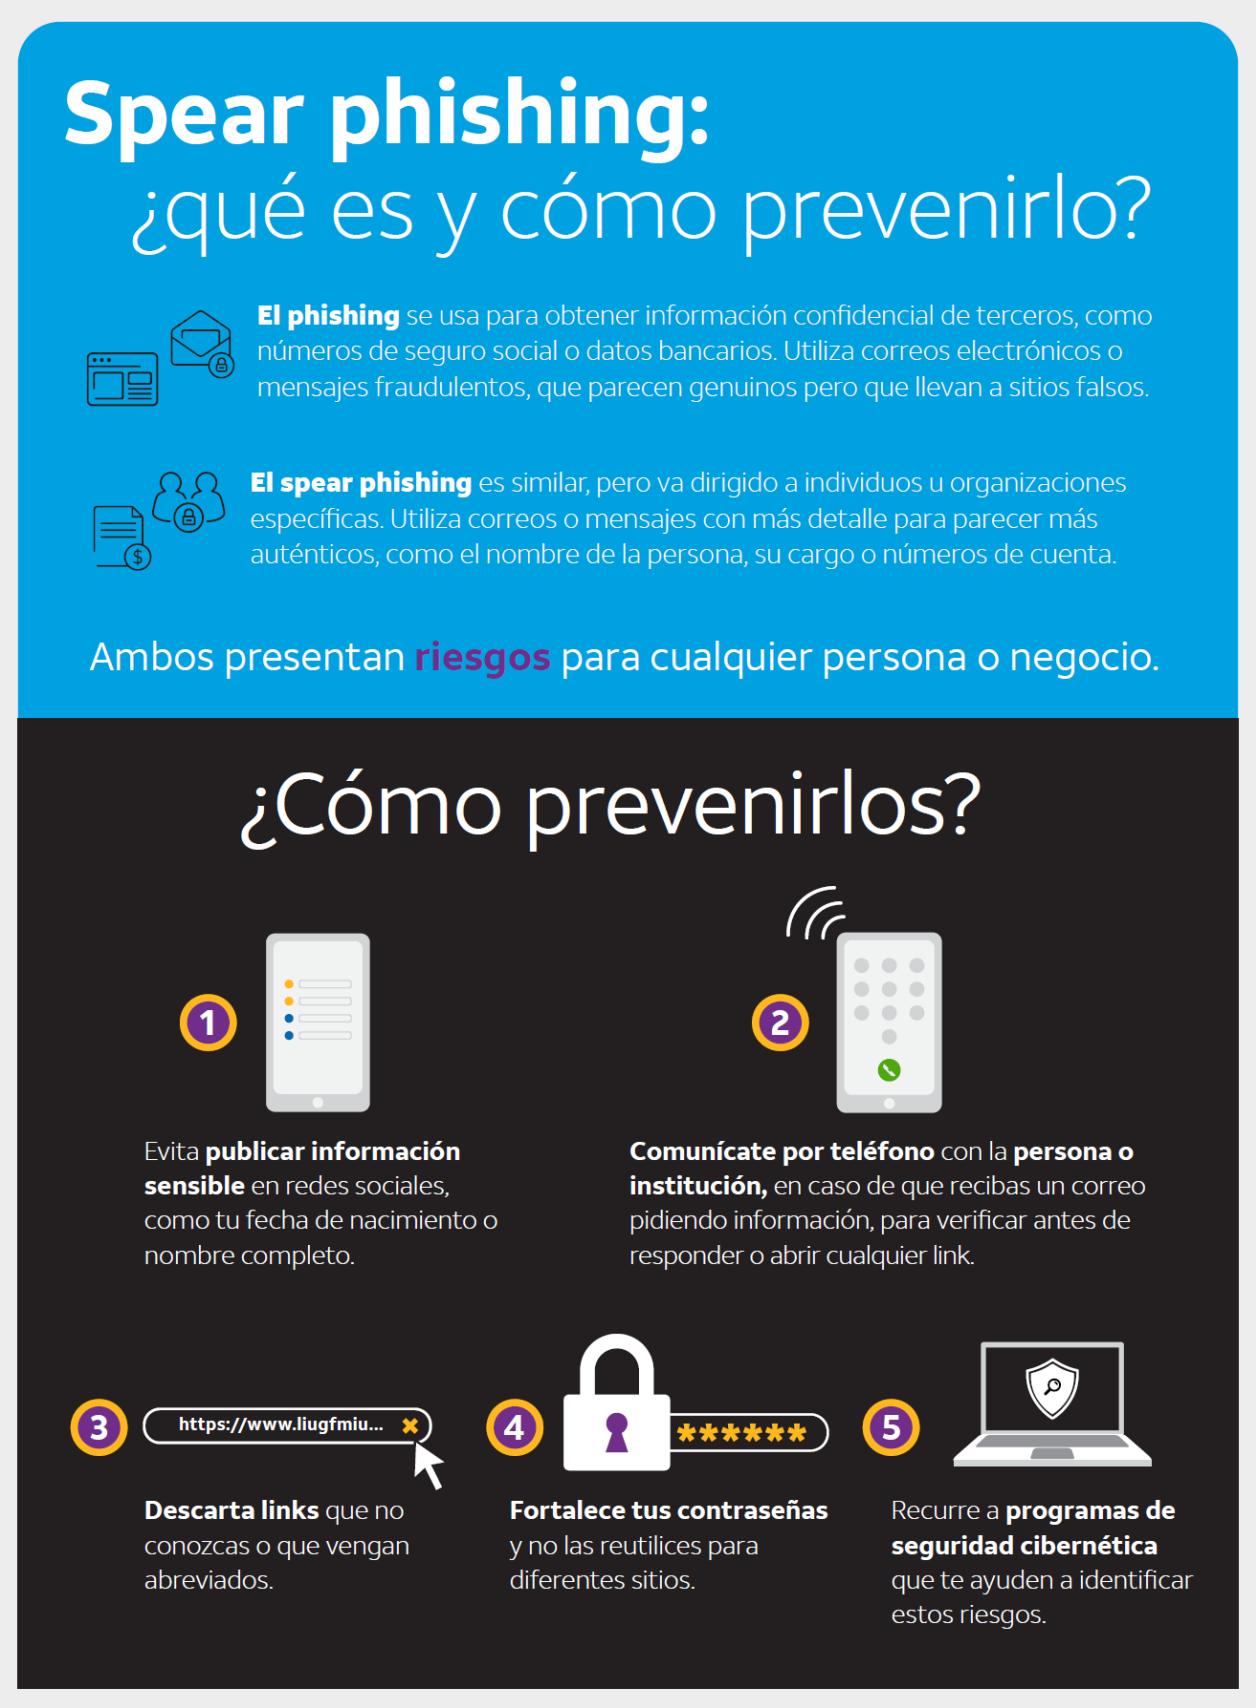 Spear phishing ¿Que és y cómo prevenirlo?